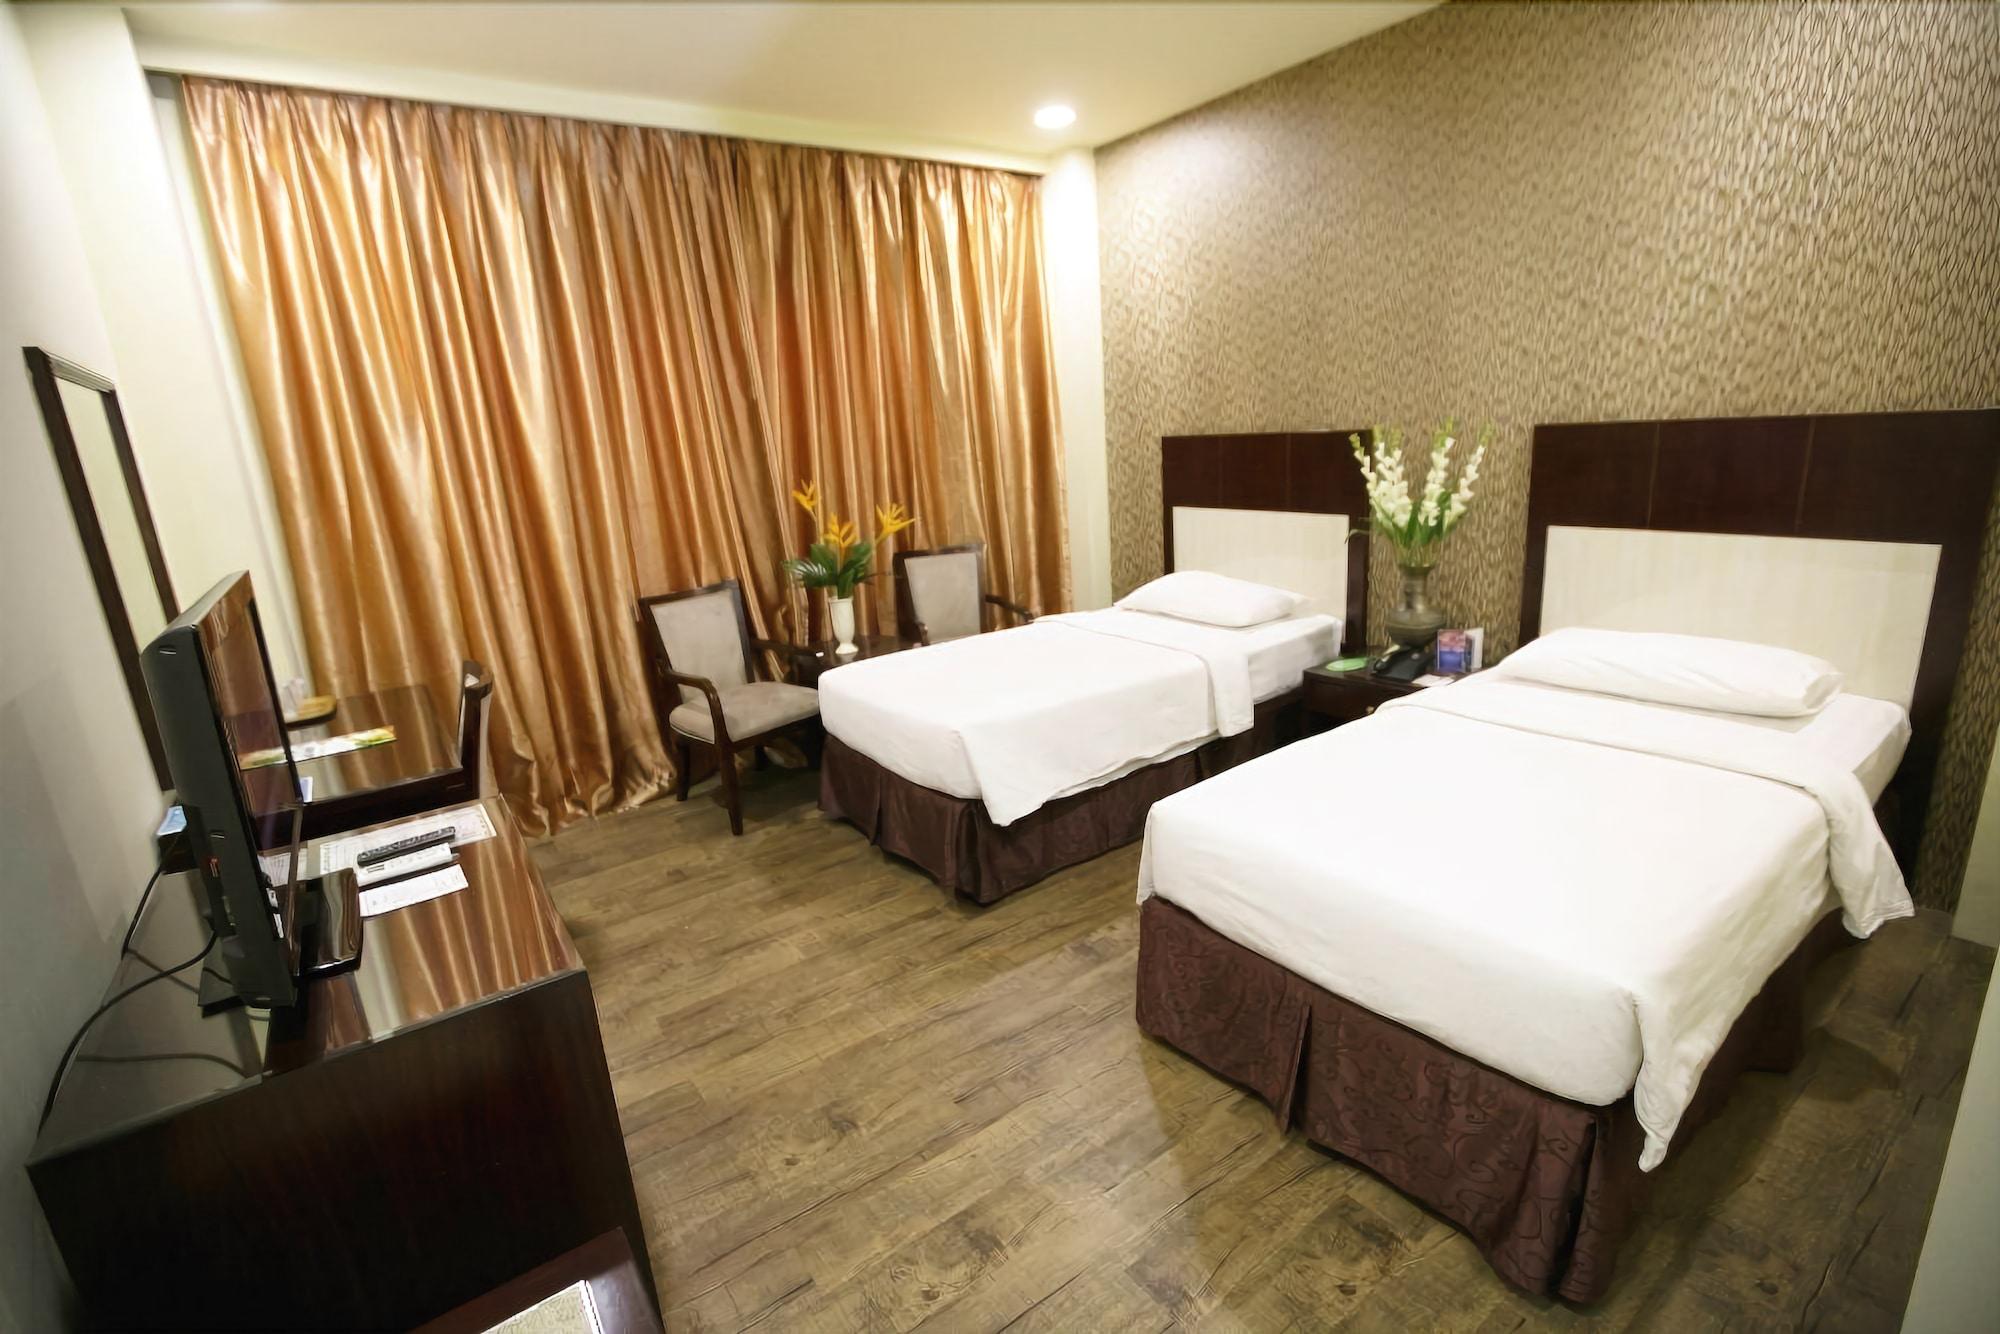 Narita Hotel Tangerang, Tangerang